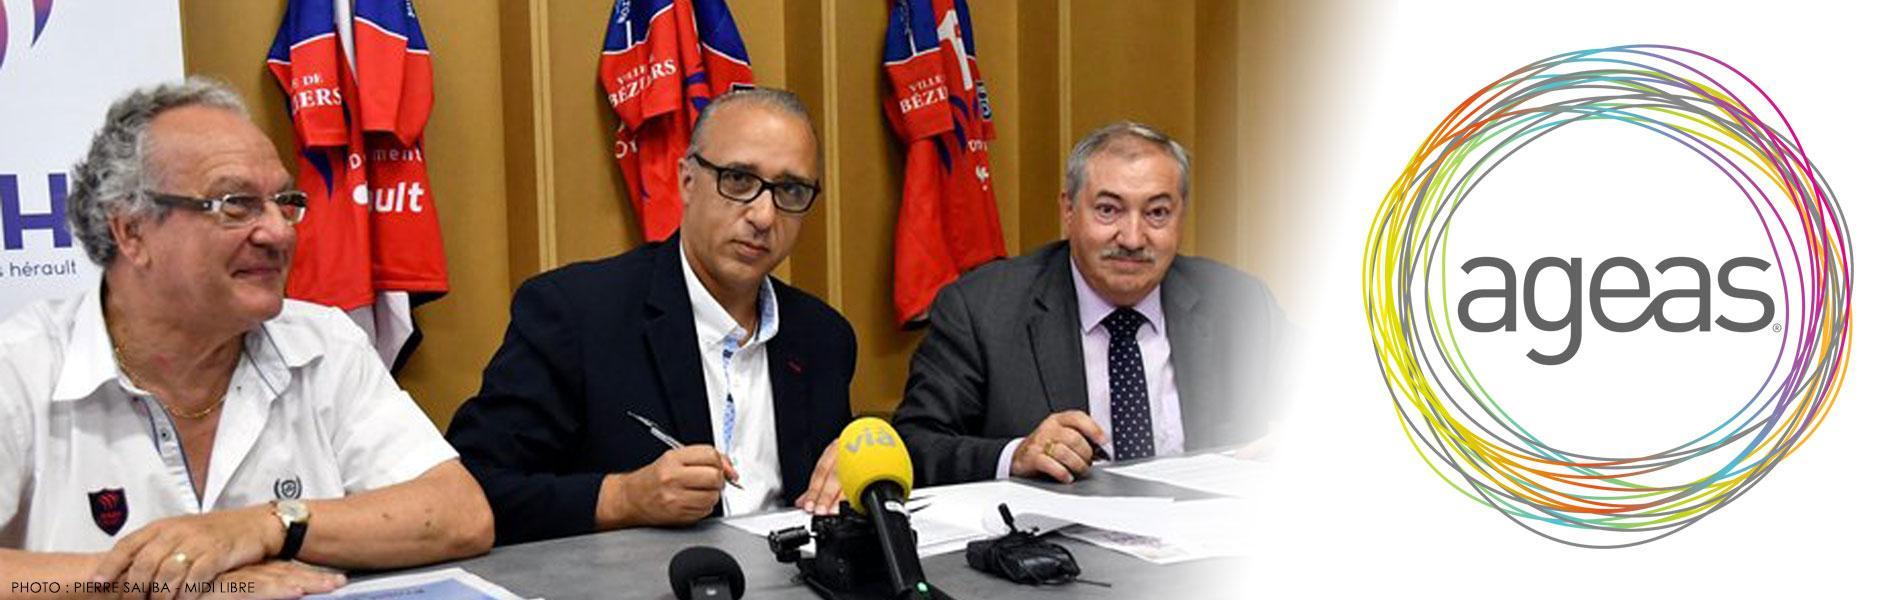 Image Ageas France, nouveau partenaire officiel de l'AS Béziers Hérault